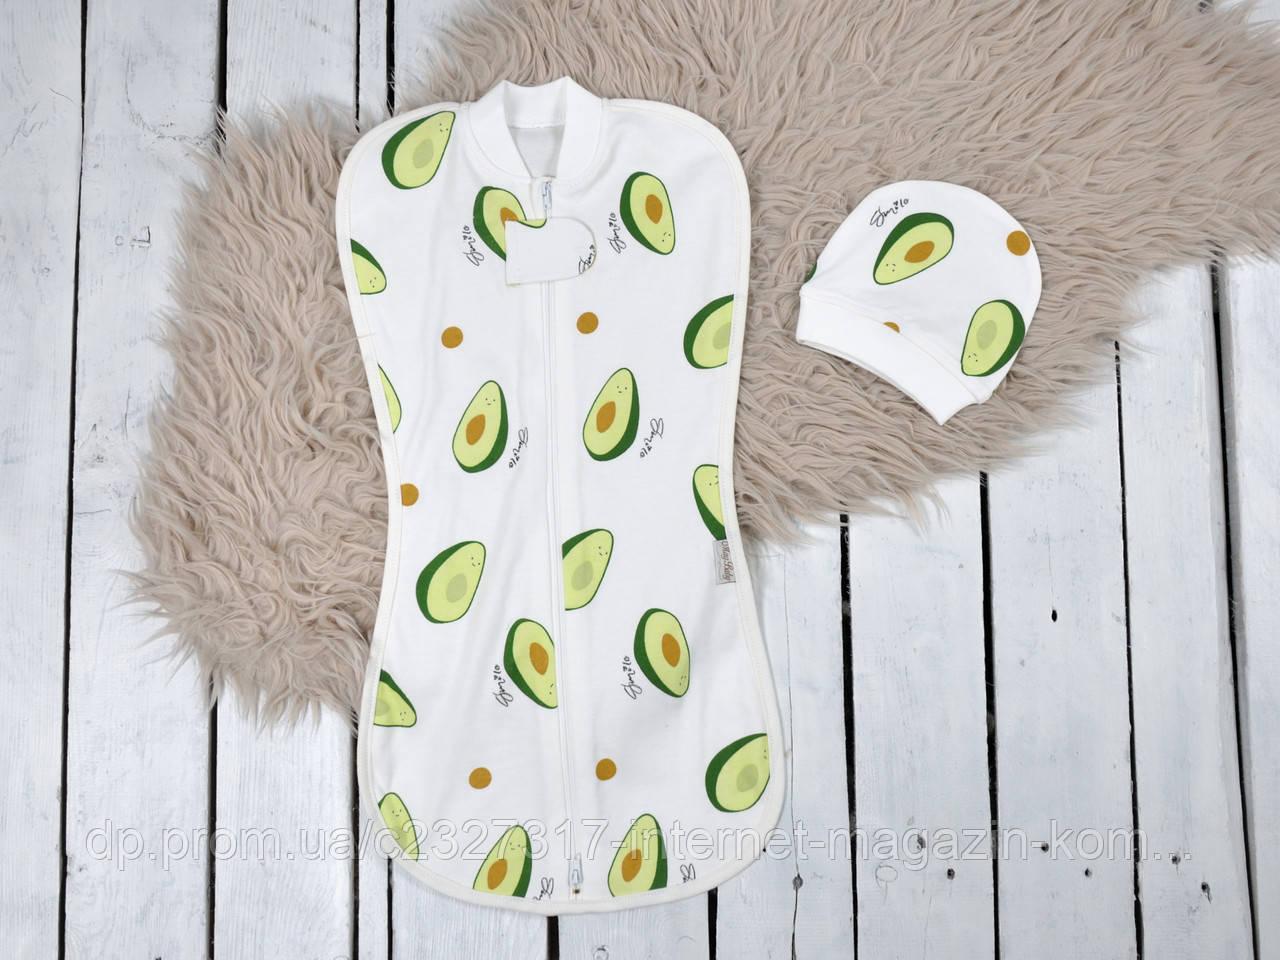 Евро-пеленка на молнии Magbaby c шапочкой Part Авокадо 3-6 мес